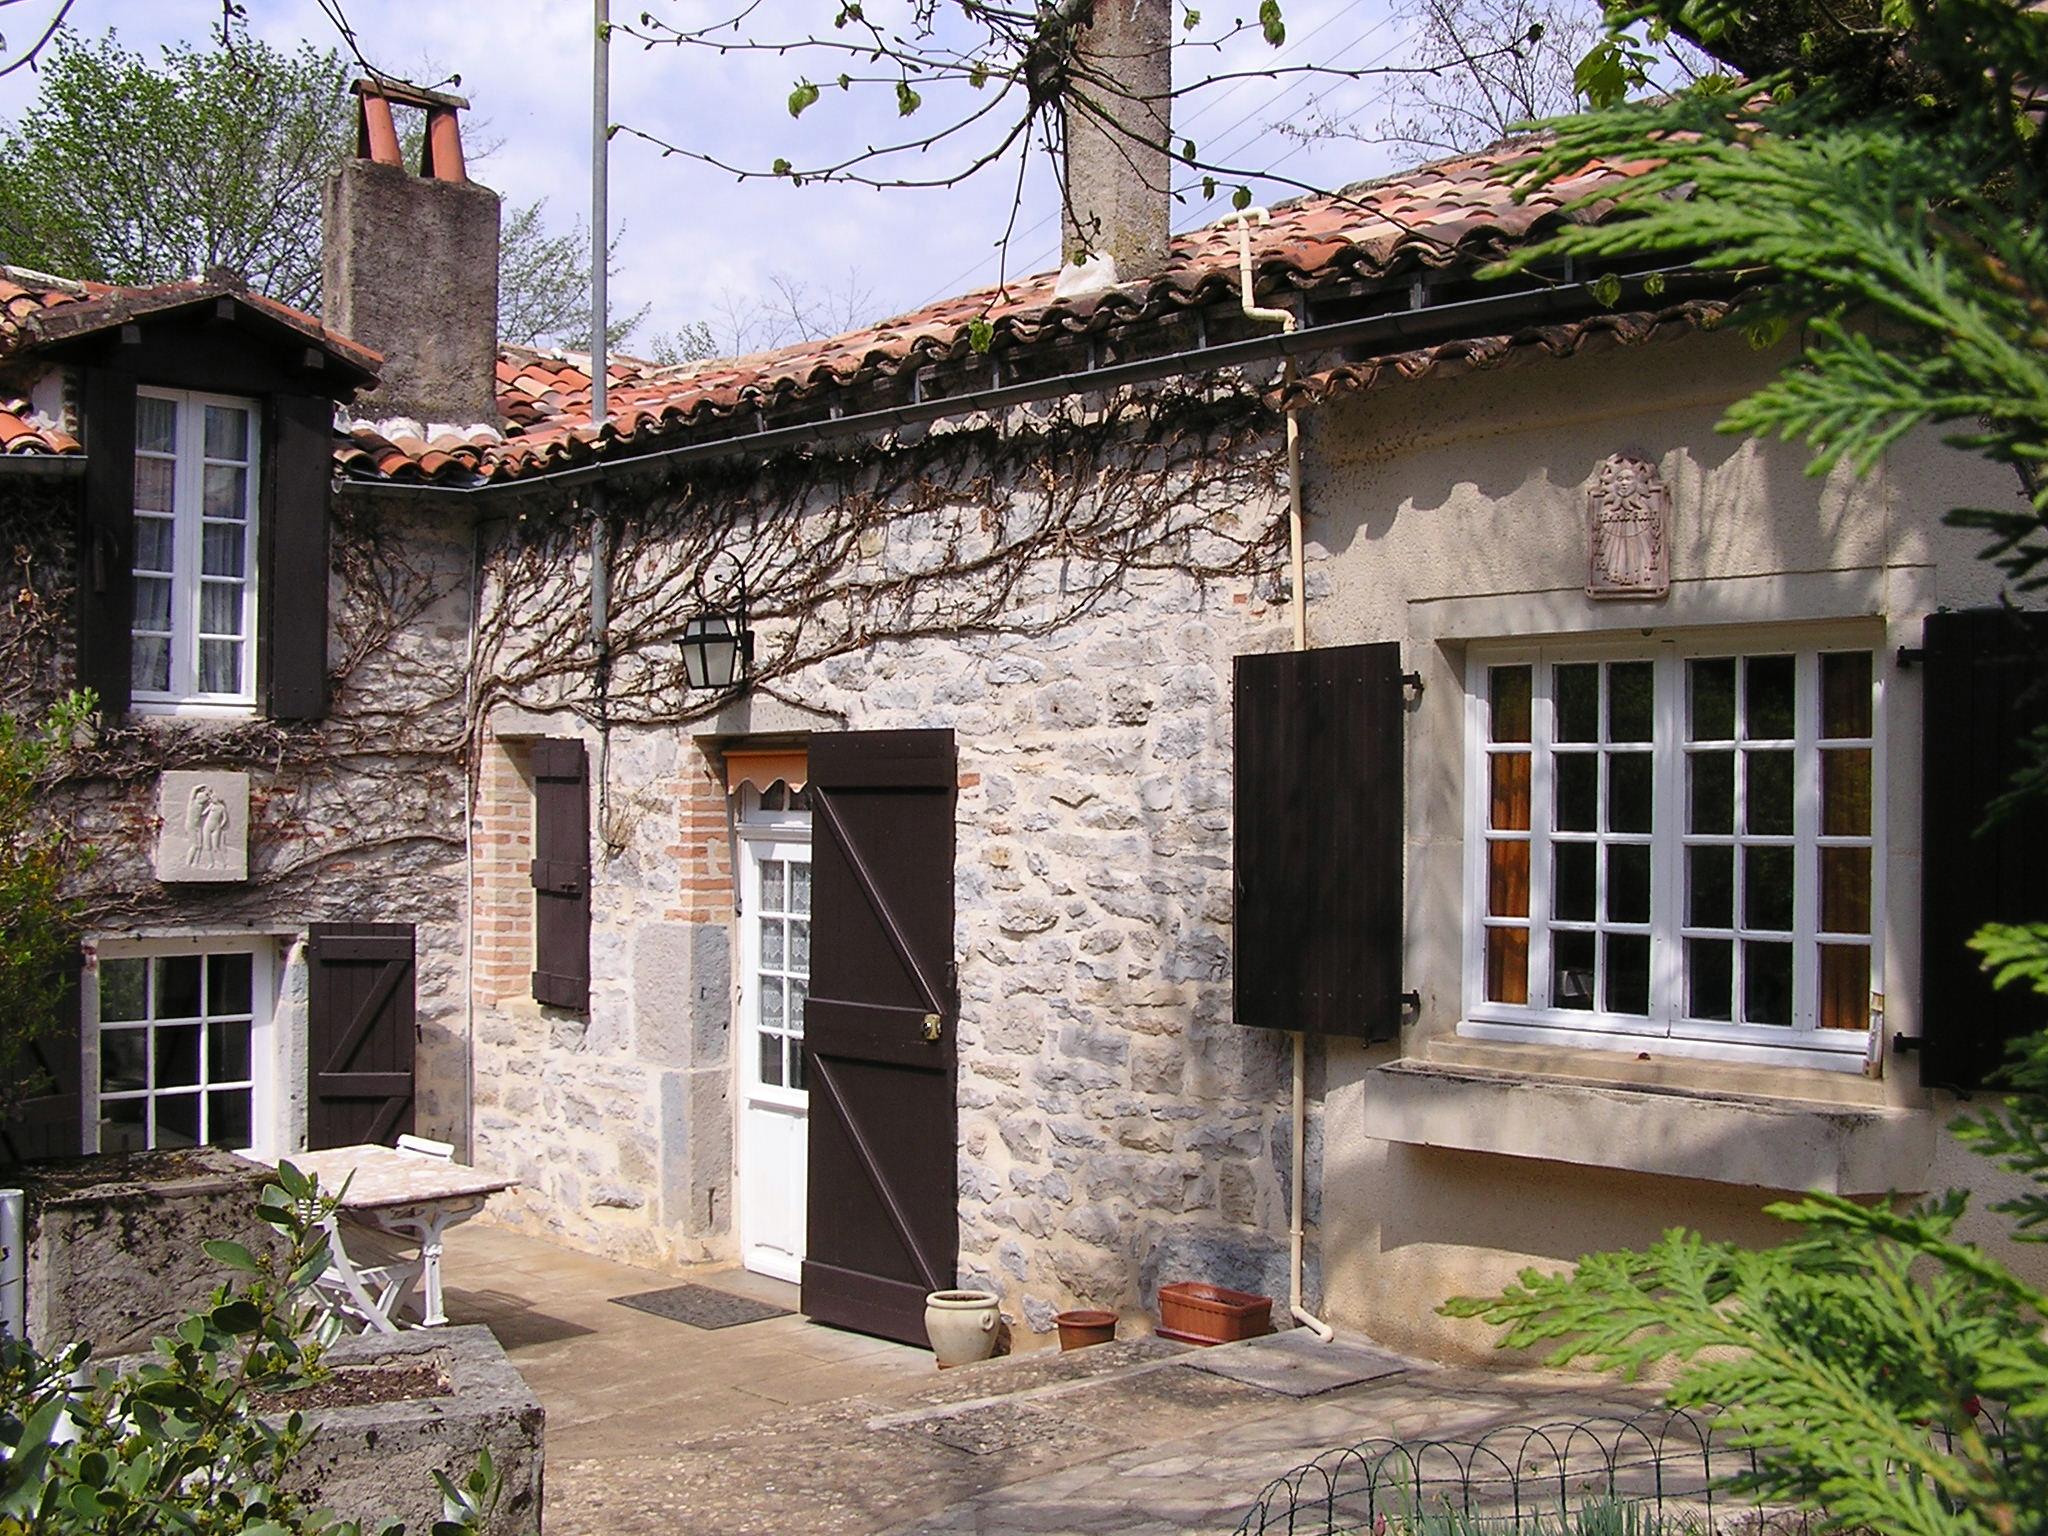 Maison a vendre saint antonin noble val maison a vendre for Acheter une maison au portugal particulier